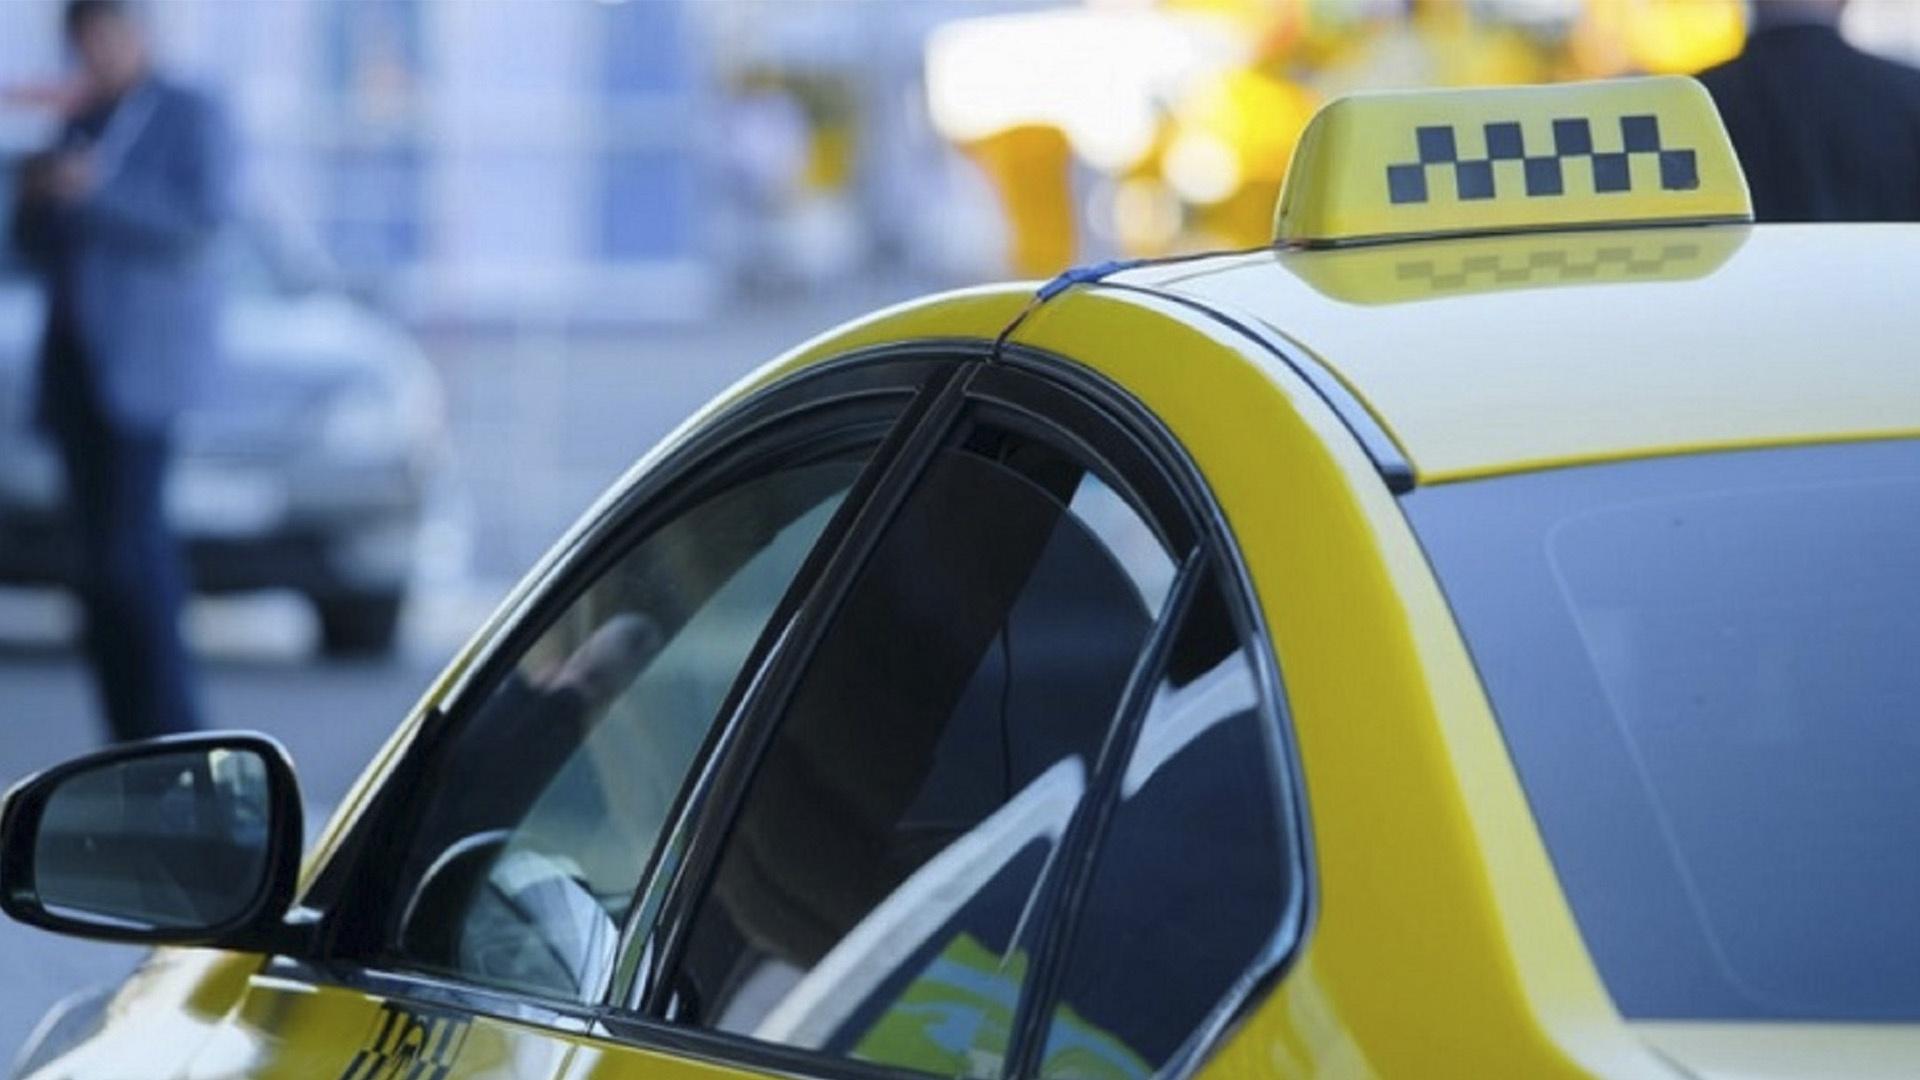 Оренбуржцев попросили оценить безопасность услуг такси